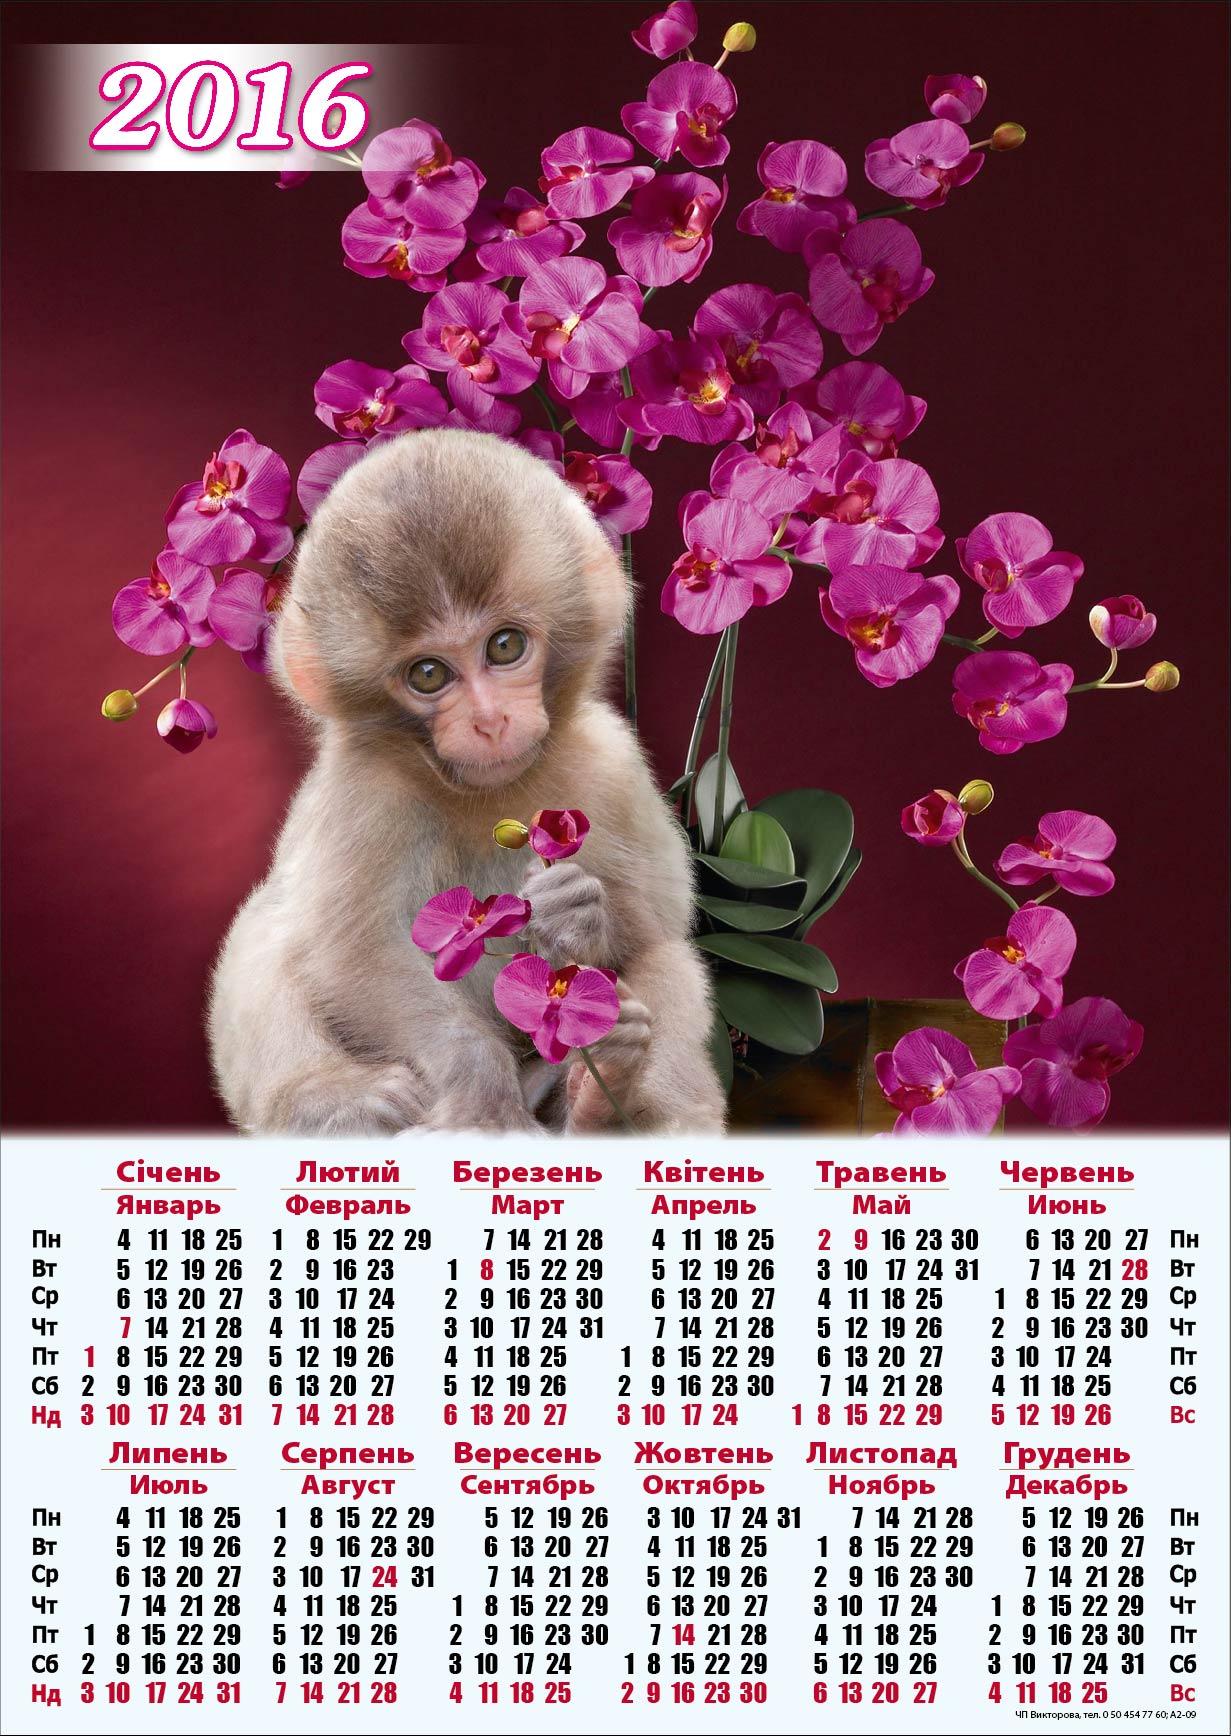 картинки на календарь 2016